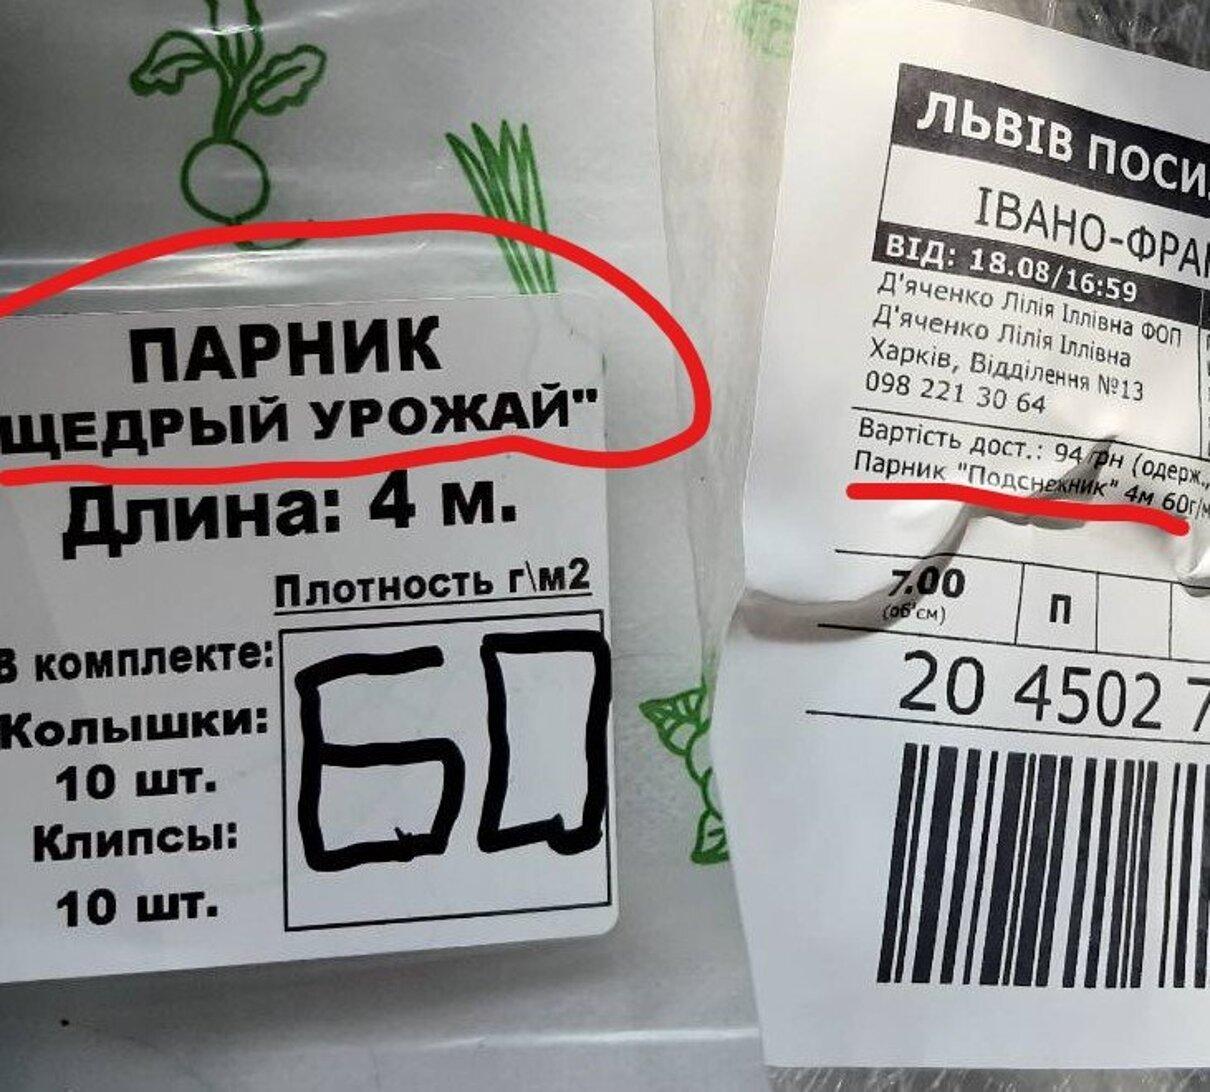 Жалоба-отзыв: Comual/comual.com.ua/парники - Свідомо обдурюють.  Фото №2